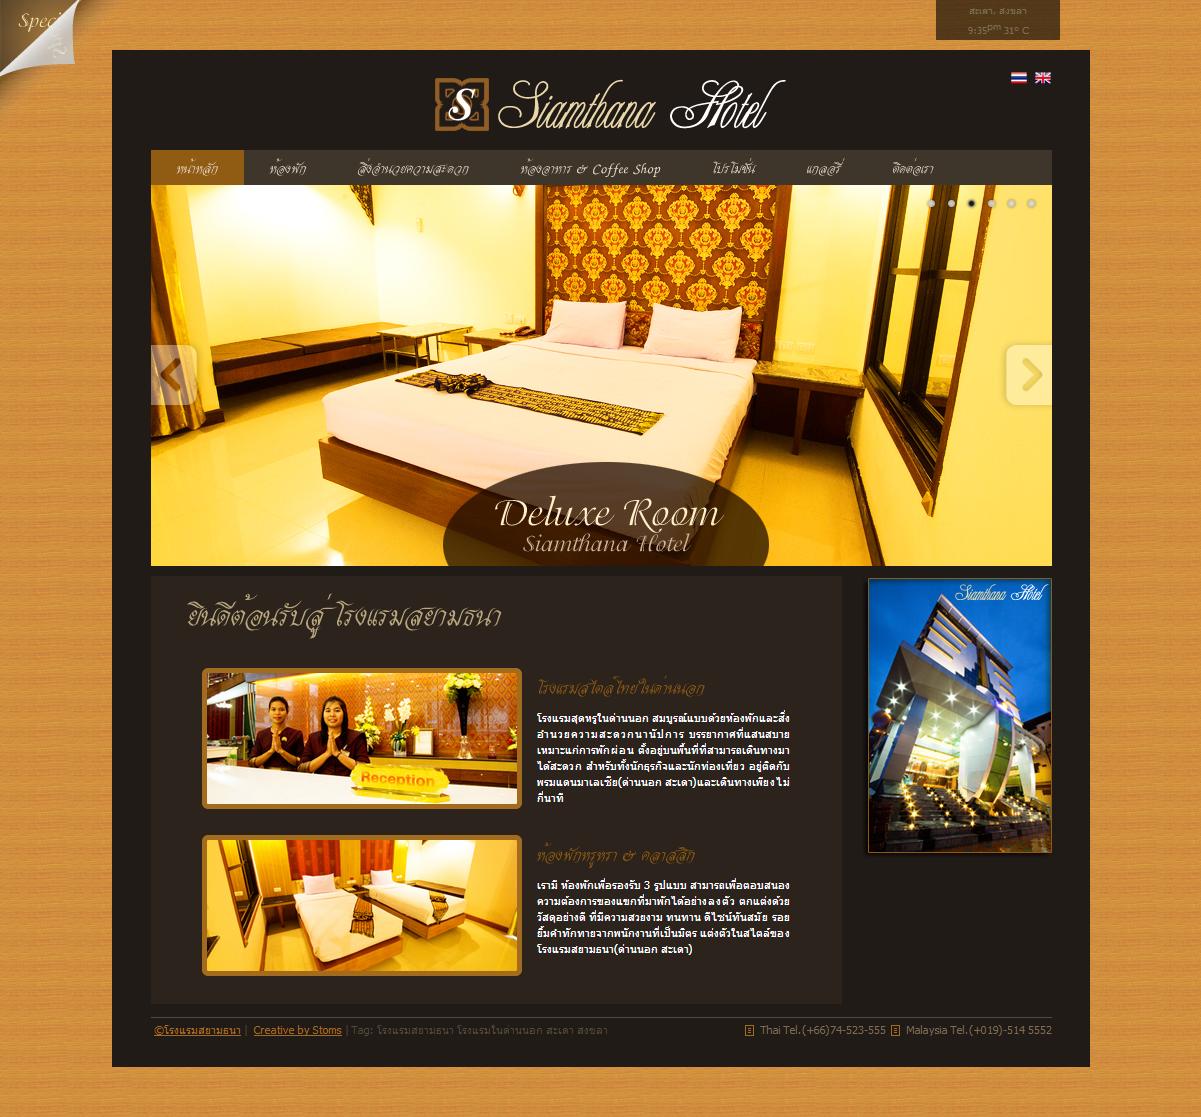 ภาพแสดงผลงานออกแบบเว็บไซต์ โรงแรมสยามธนา